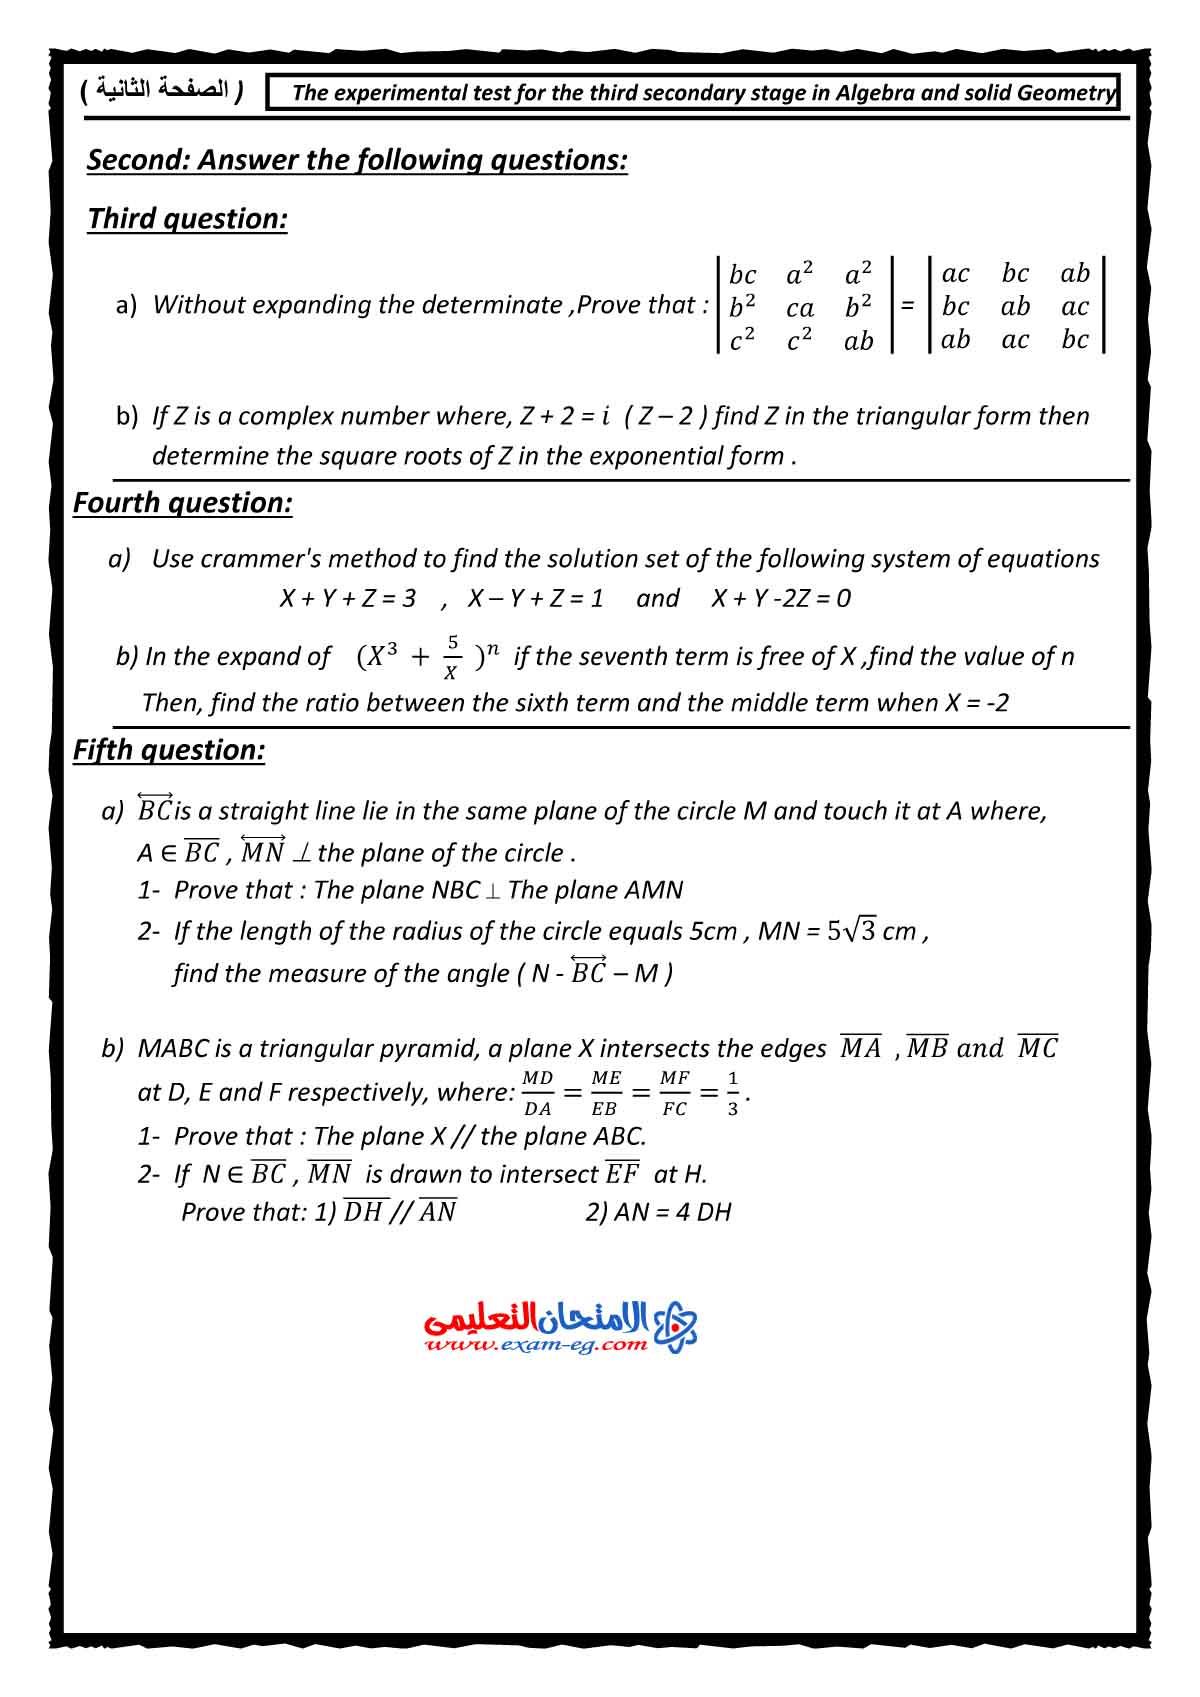 امتحان الوزارة فى الجبر والهندسة الفراغية بالانجليزية 2